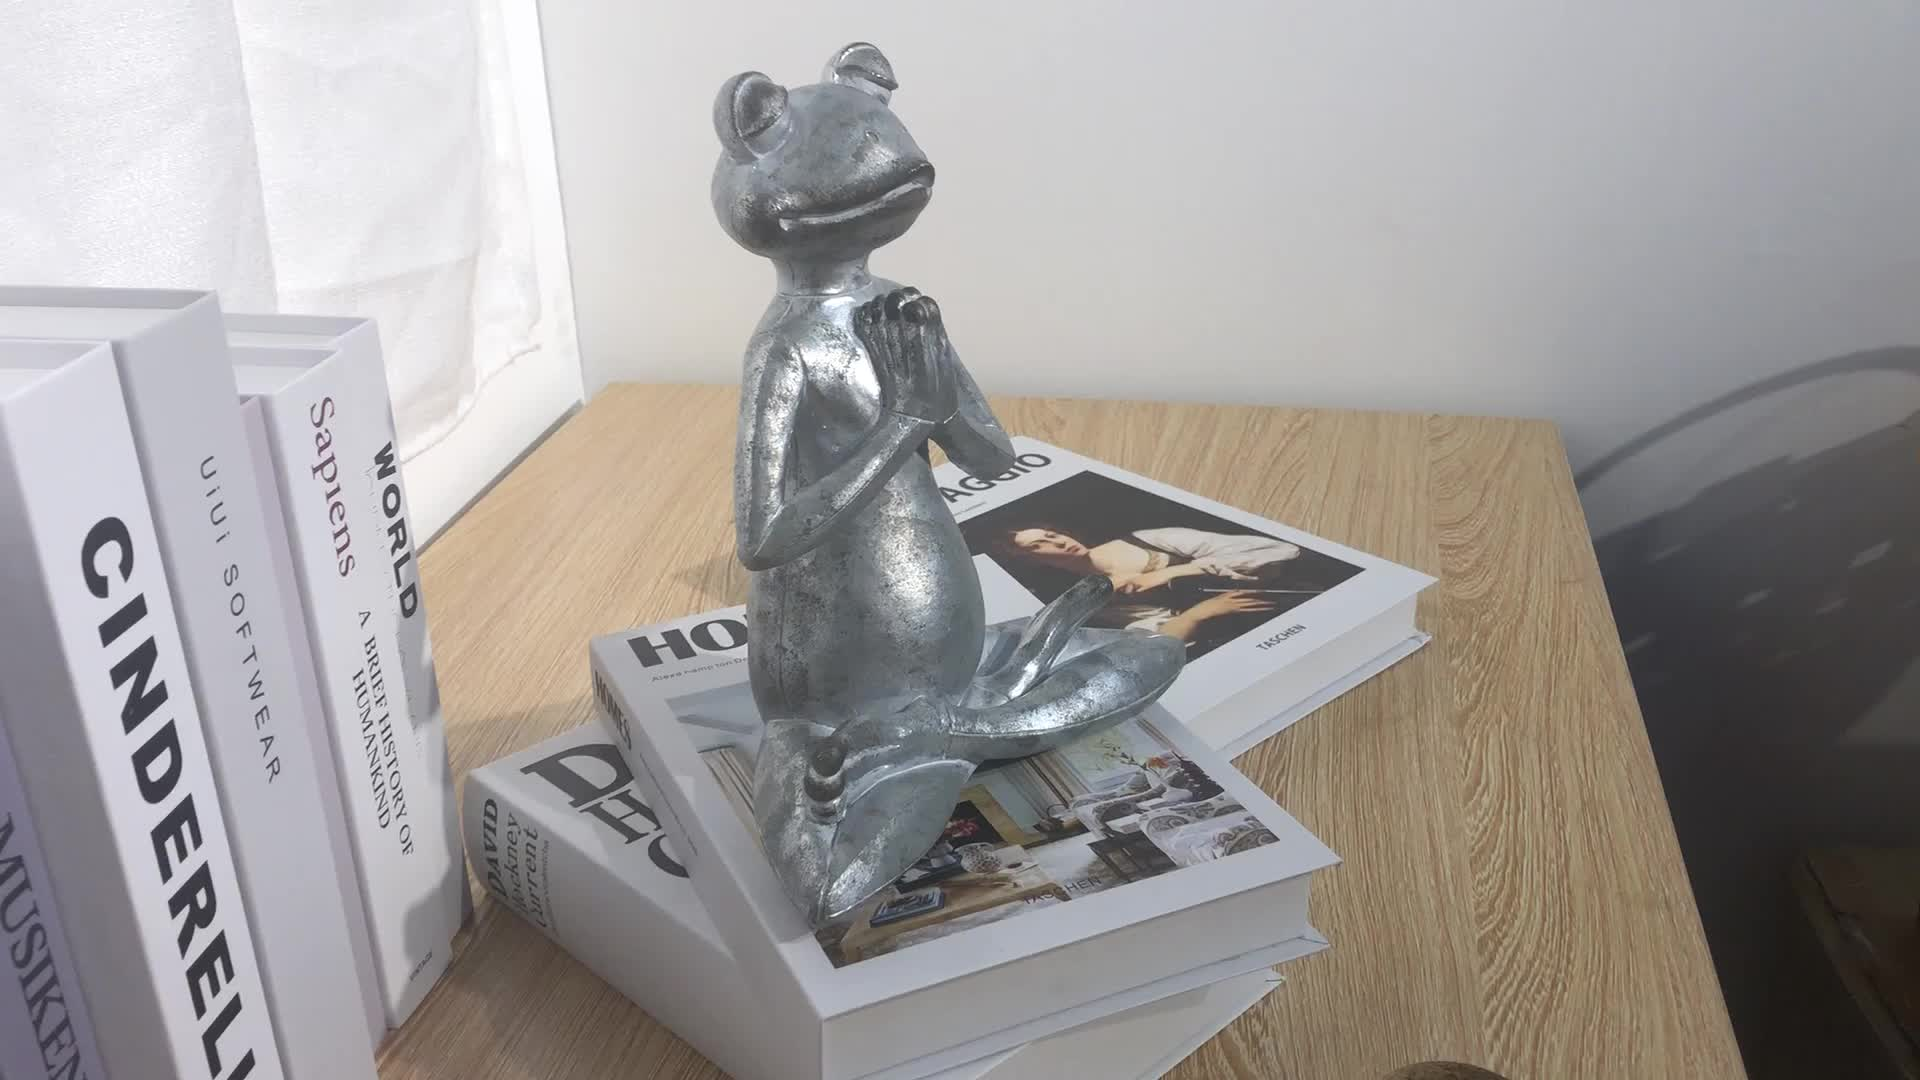 Özelleştirilmiş toptan hayvan heykeli reçine meditasyon kurbağa, polyresin dekorasyon yoga kurbağa figürleri %